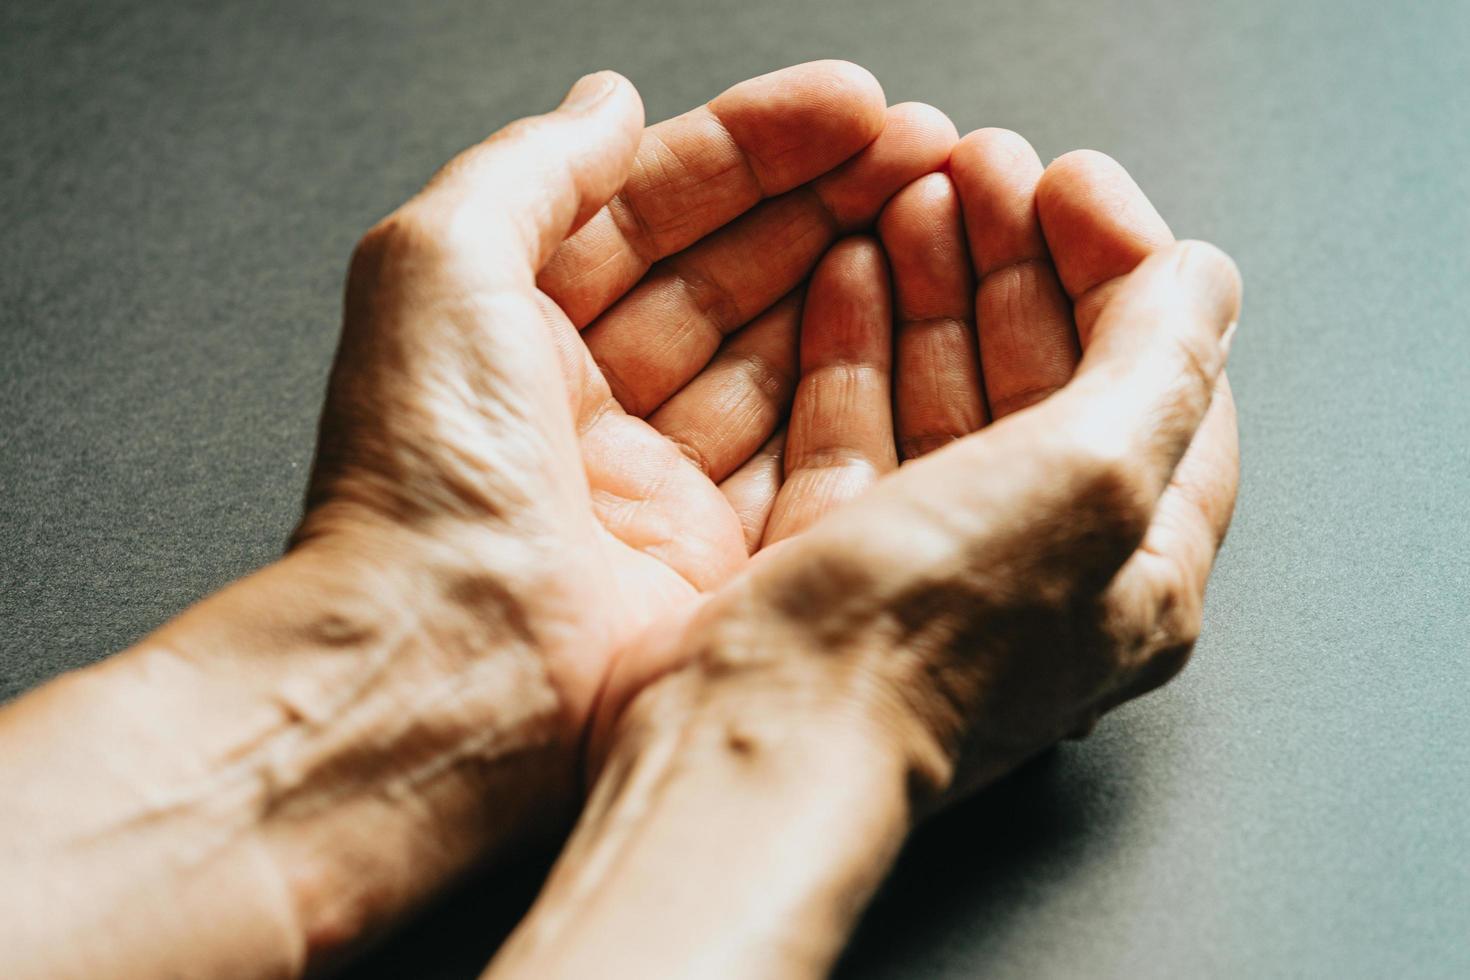 zwei Hände warten offen foto